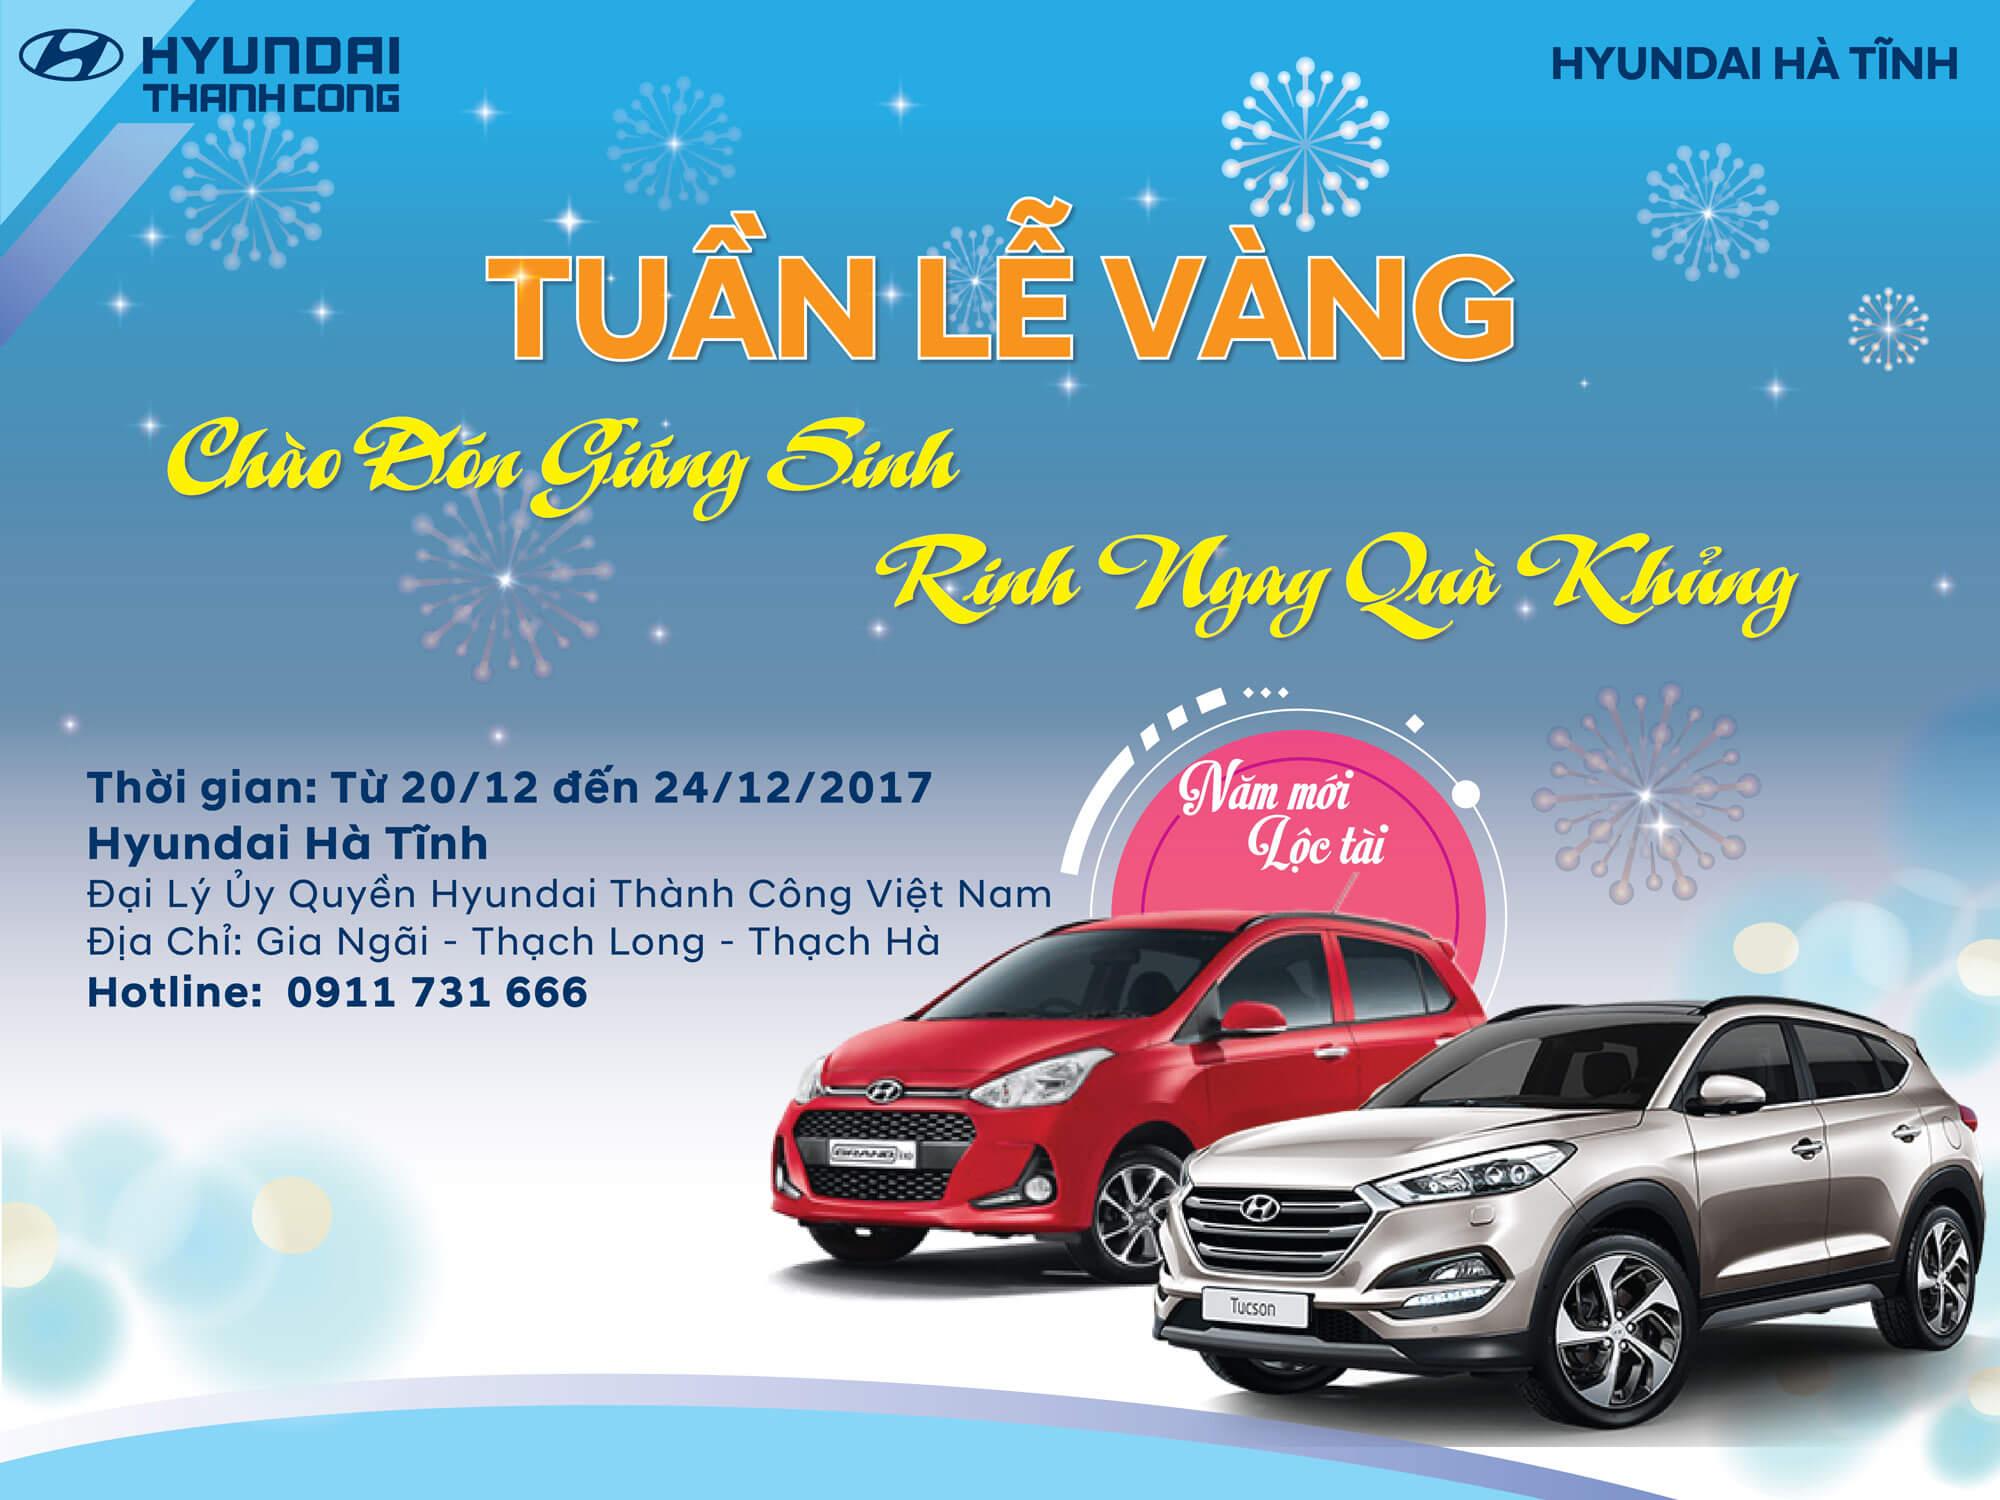 Tuần lễ vàng Chào đón giáng sinh, rinh ngay quà khủng cùng Hyundai Hà Tĩnh